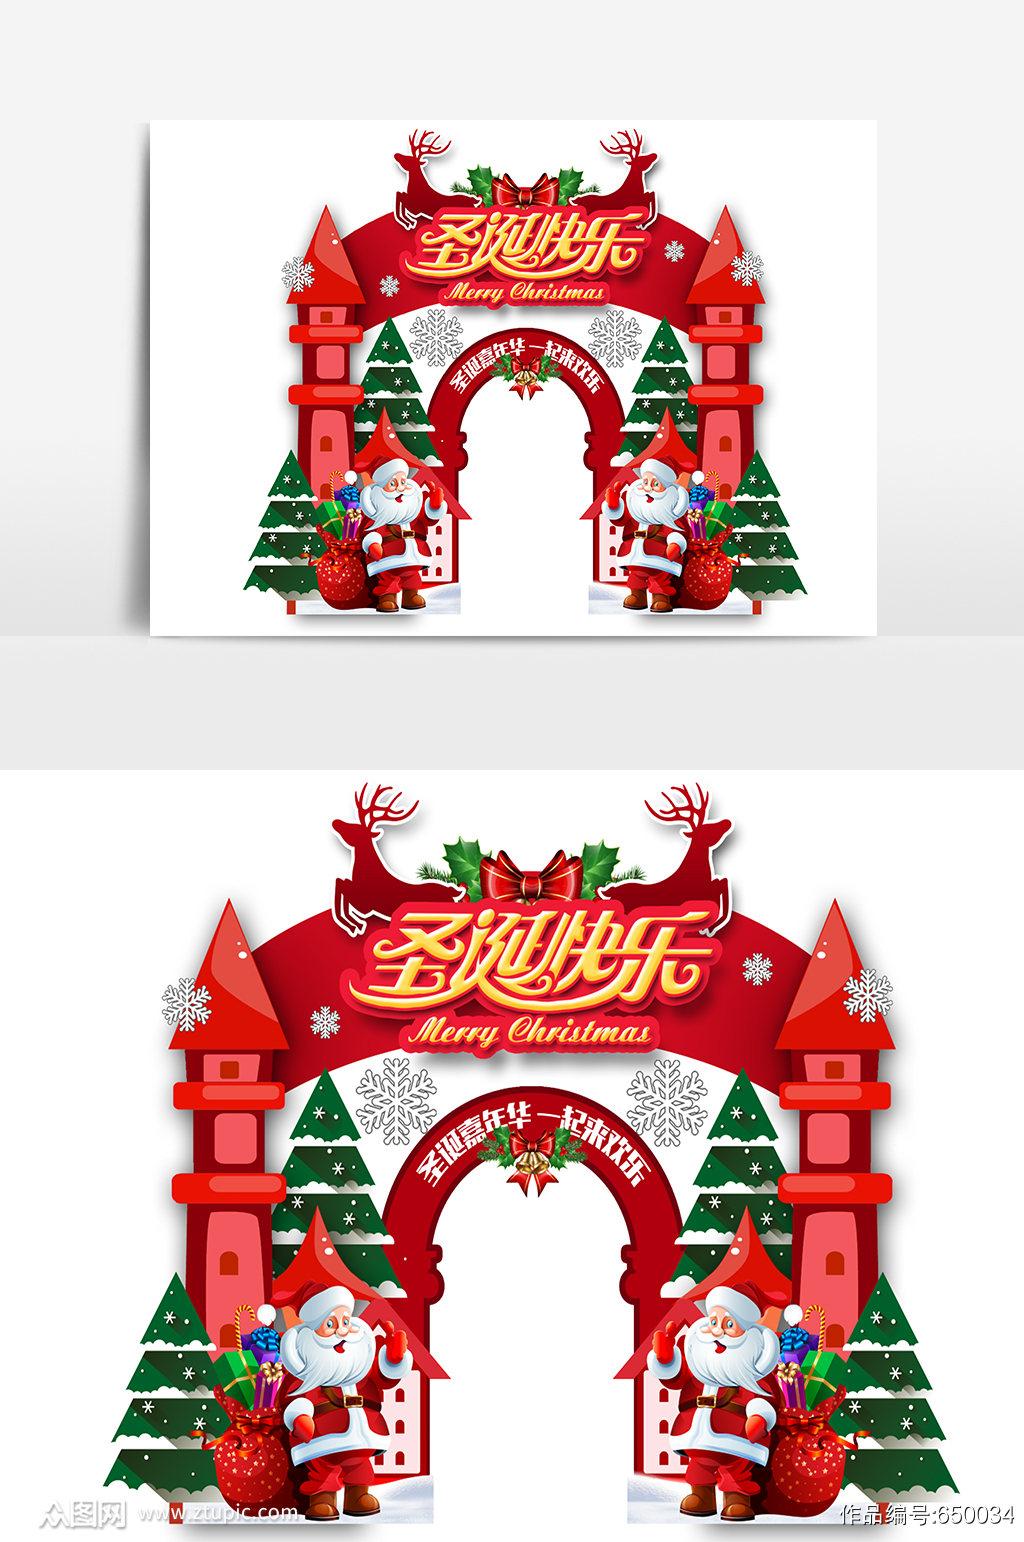 圣诞嘉年华节日拱门设计圣诞节美陈素材